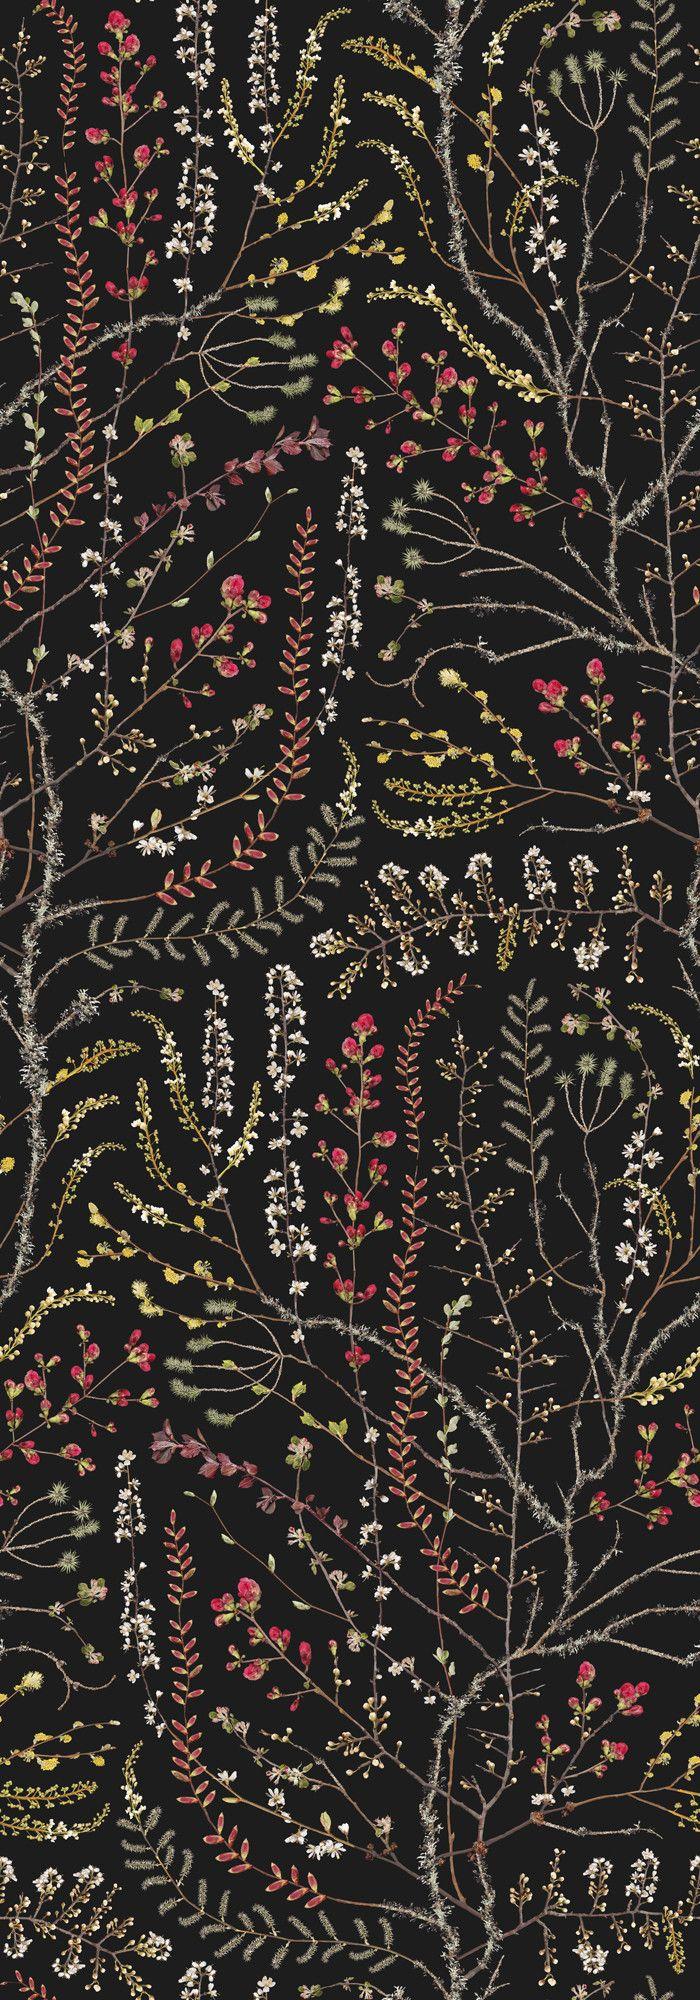 Autumn Sprout – Black – Fototapeten & Tapeten – Photowall